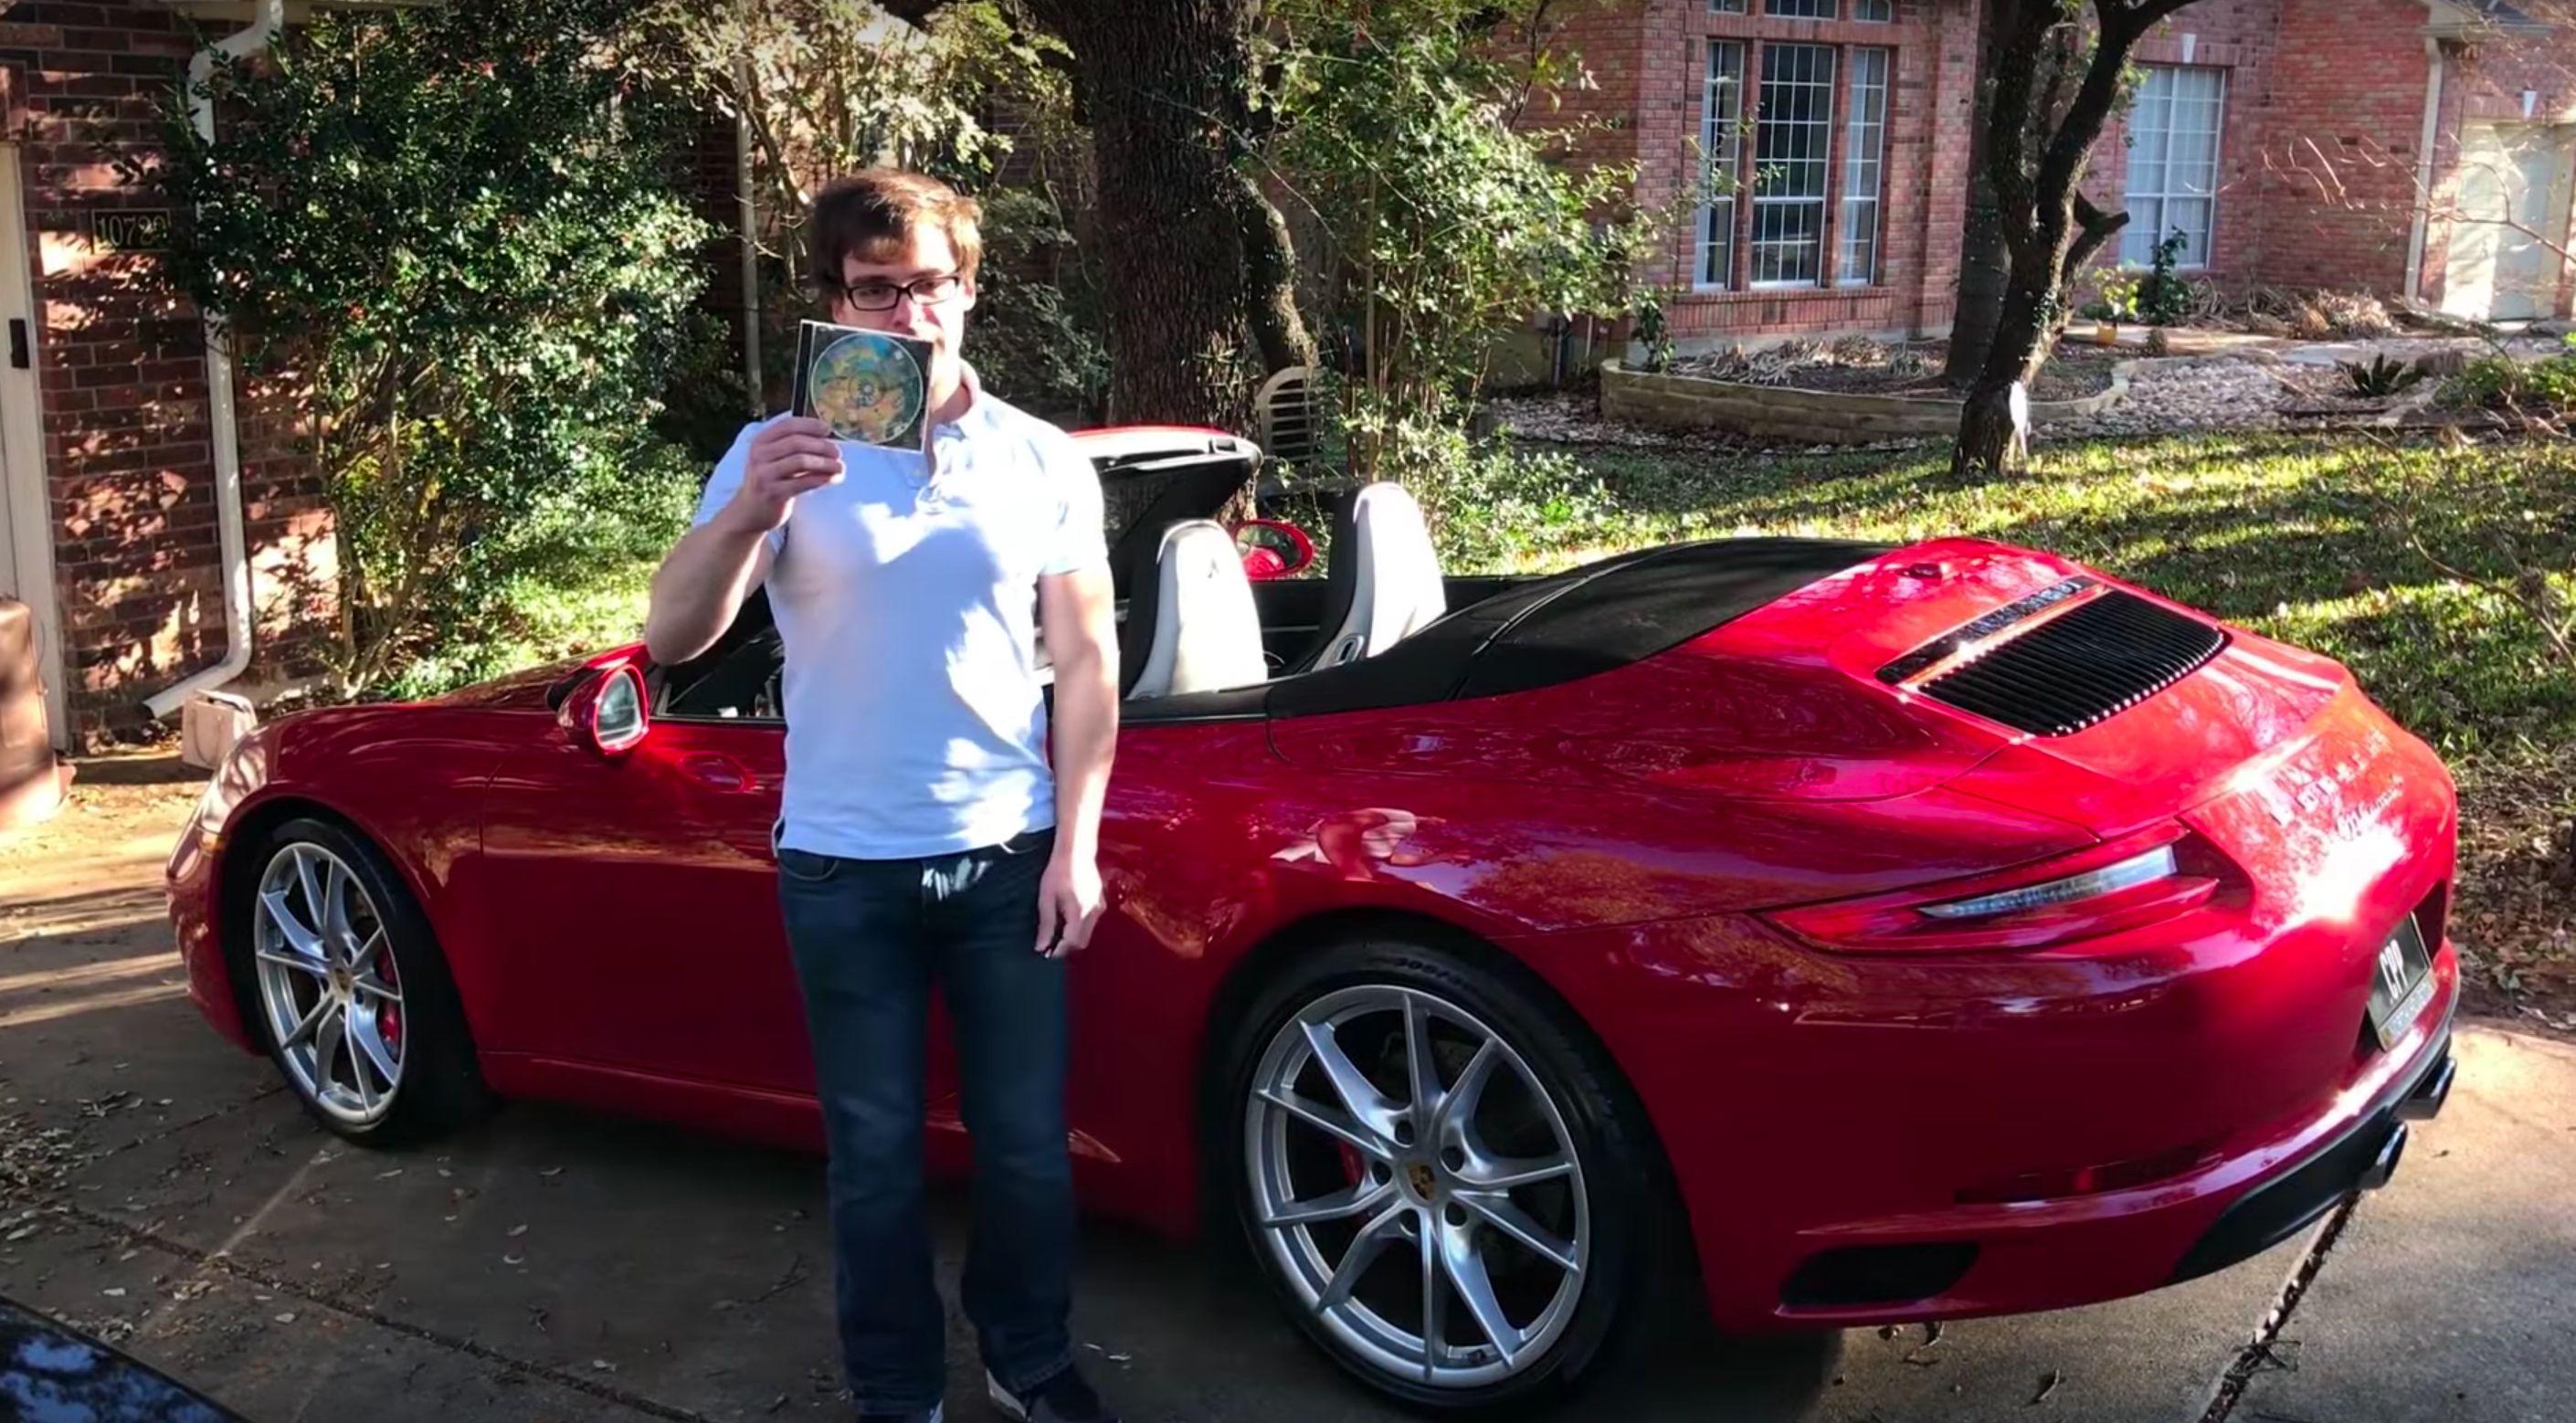 Genius Turns His $200,000 Porsche Into A Giant Controller For